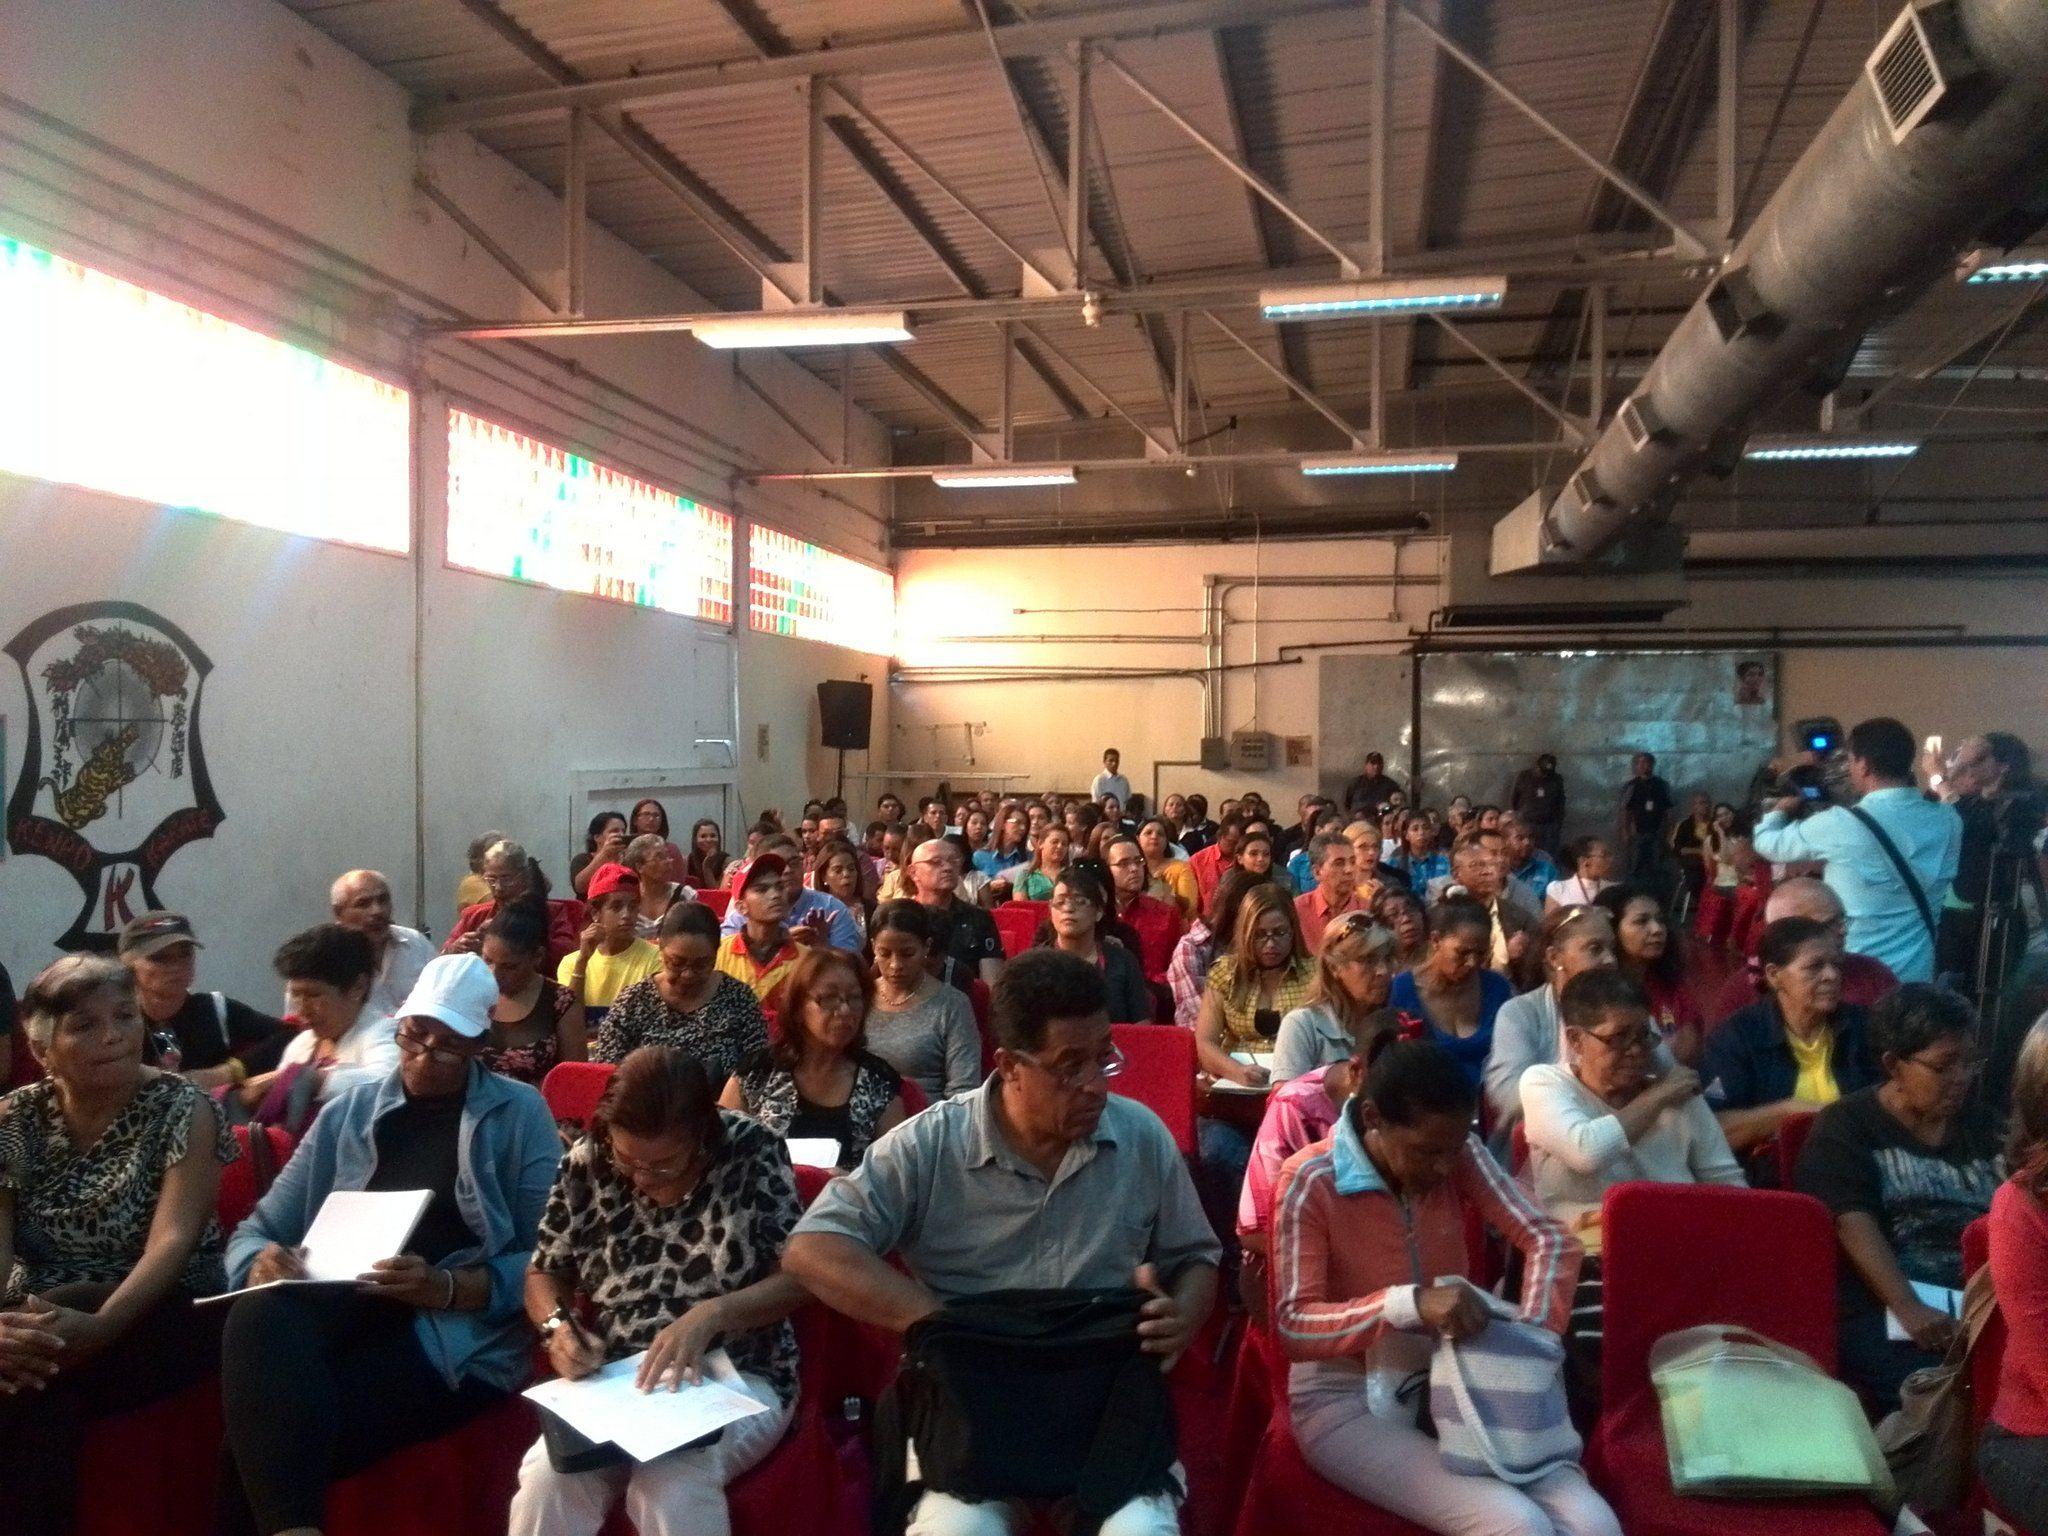 @jaarreaza : RT @MPPSalud_Vzla: Asamblea Popular con voceros de Dtto. Capital Miranda y Vargas desde el núcleo endógeno Francisco de Miranda. https://t.co/UvozOOuaTO